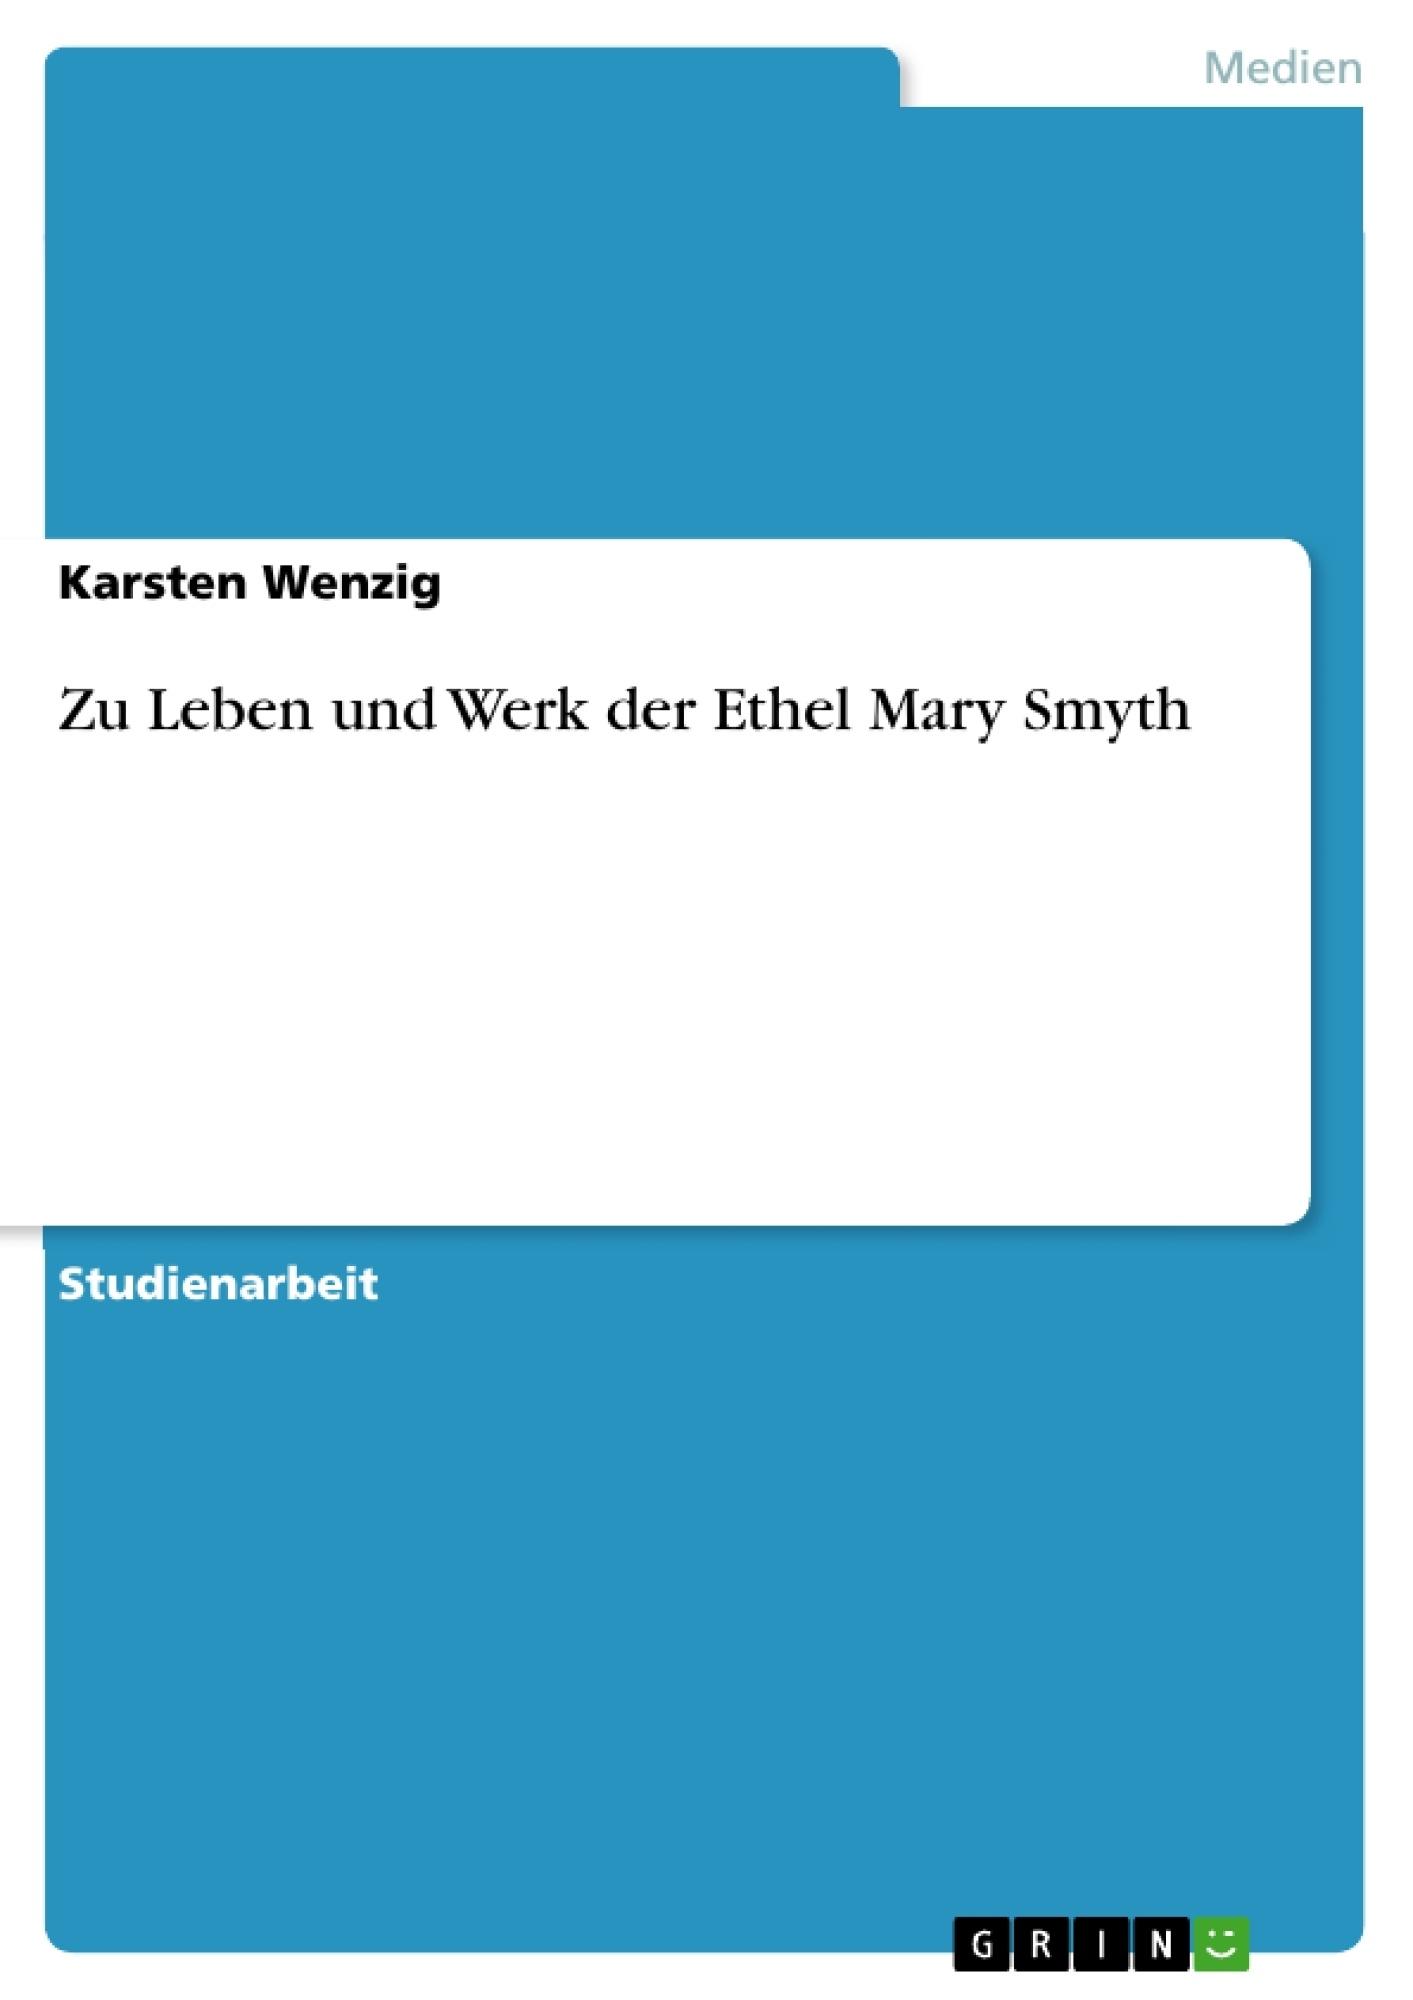 Titel: Zu Leben und Werk der Ethel Mary Smyth